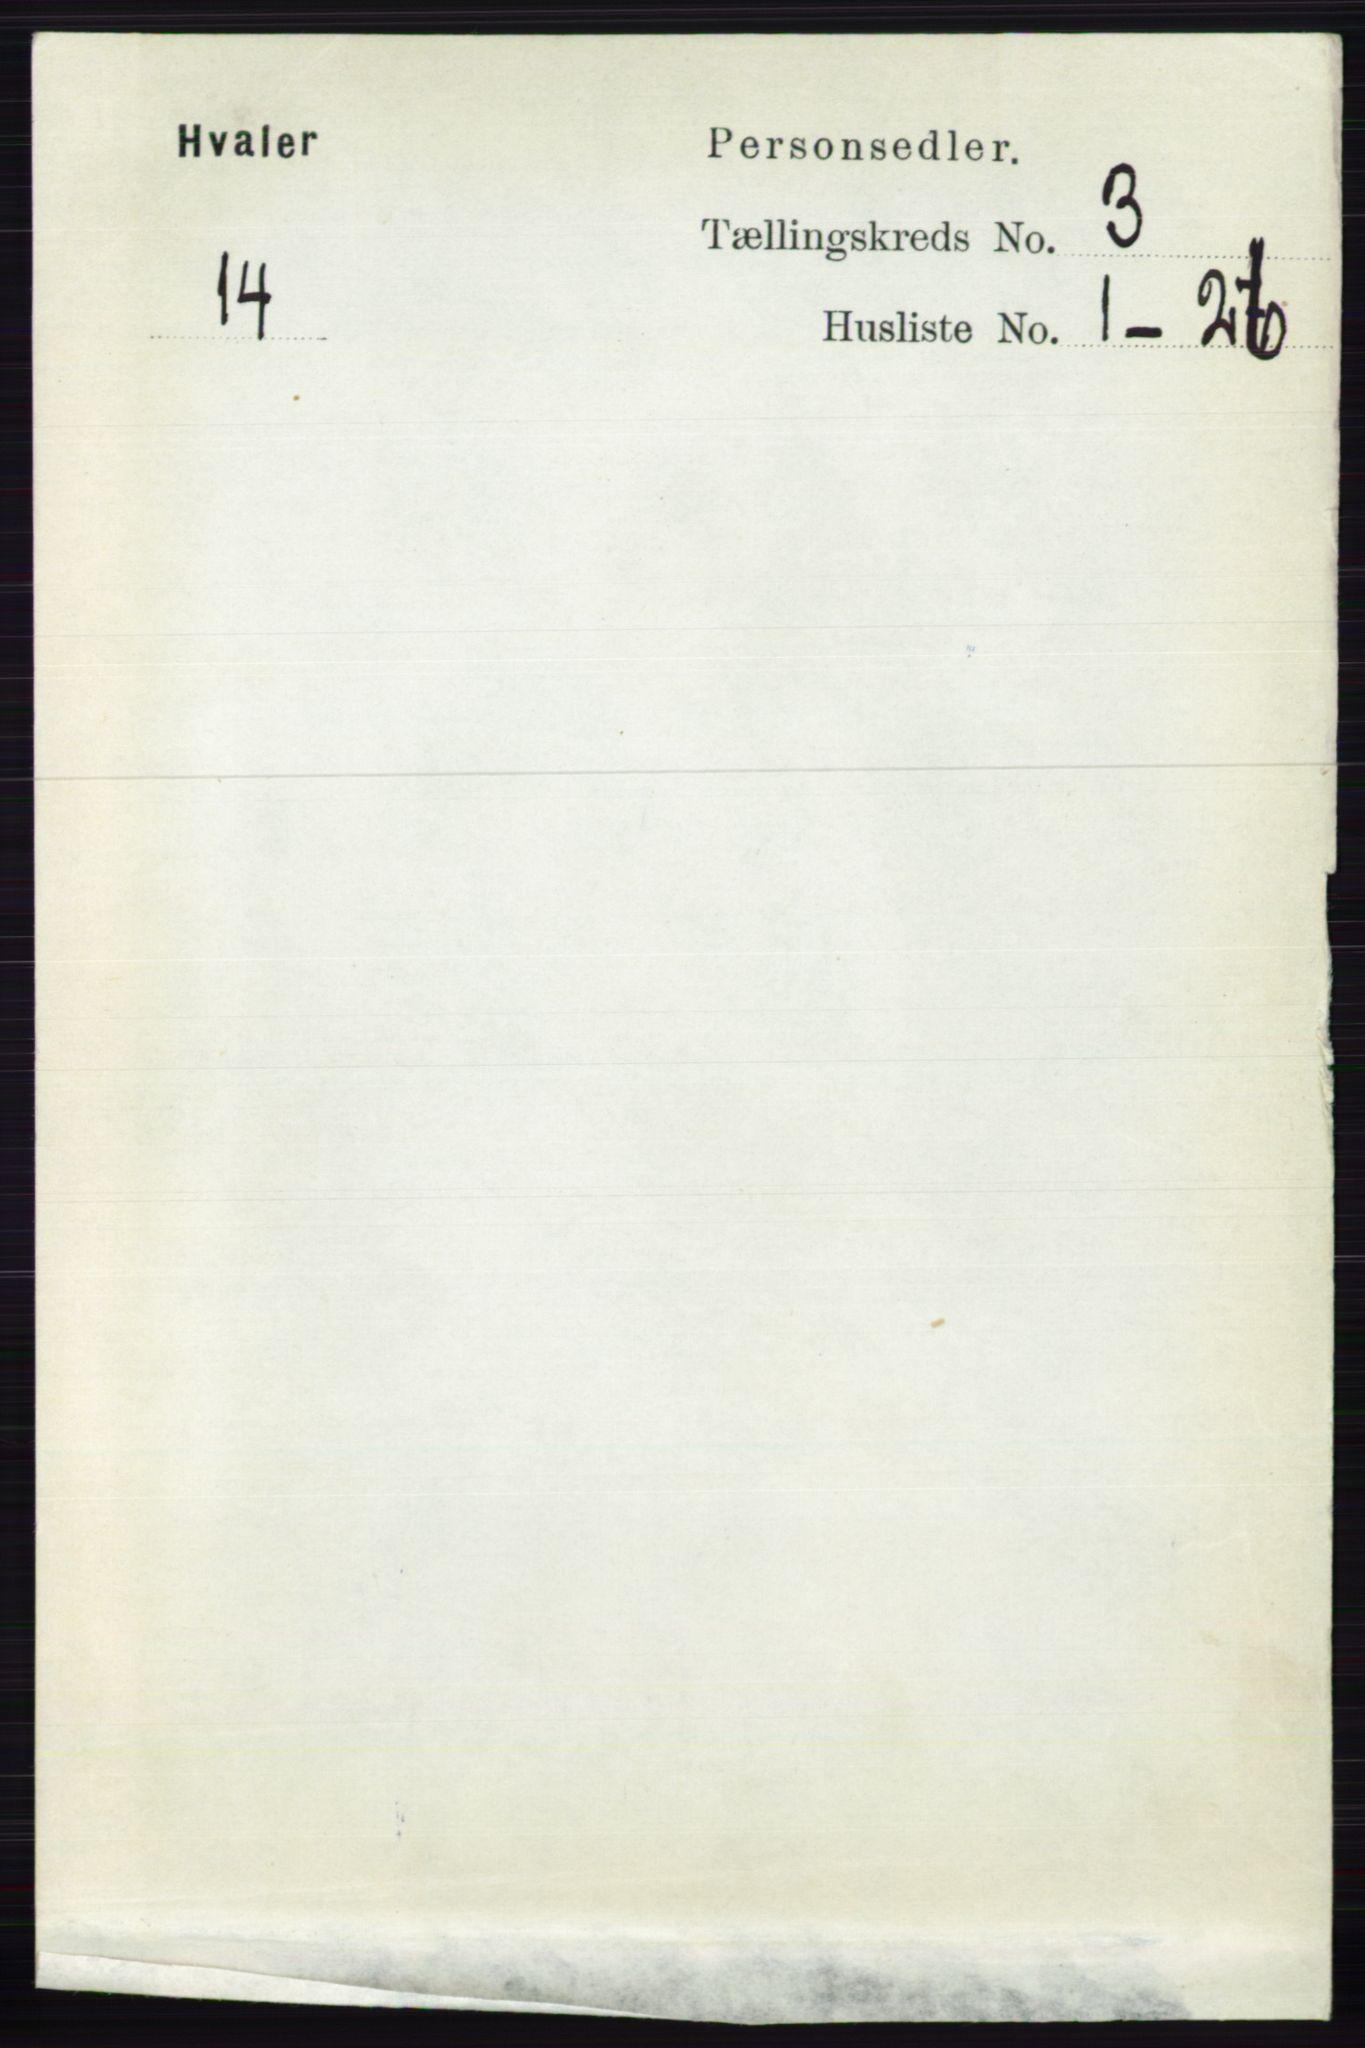 RA, Folketelling 1891 for 0111 Hvaler herred, 1891, s. 1854